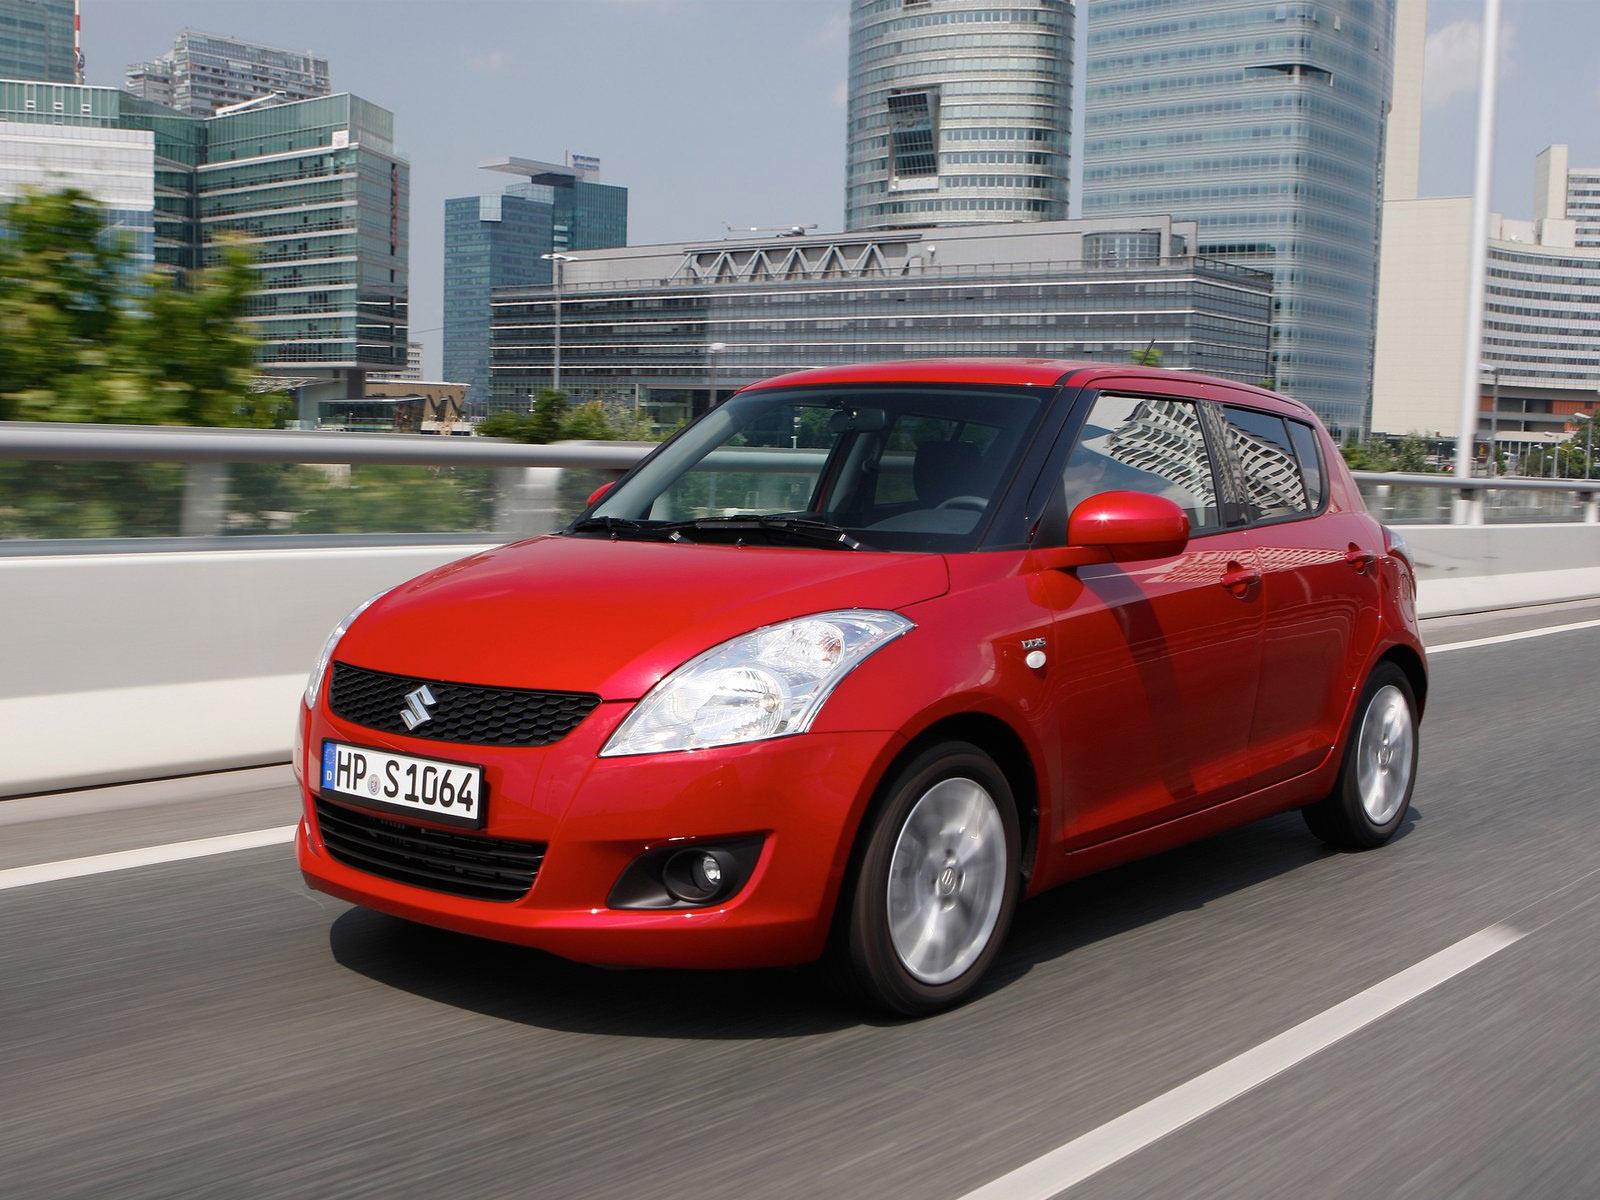 SWIFT / Suzuki Motor (Thailand) Co., Ltd Suzuki swift photo gallery